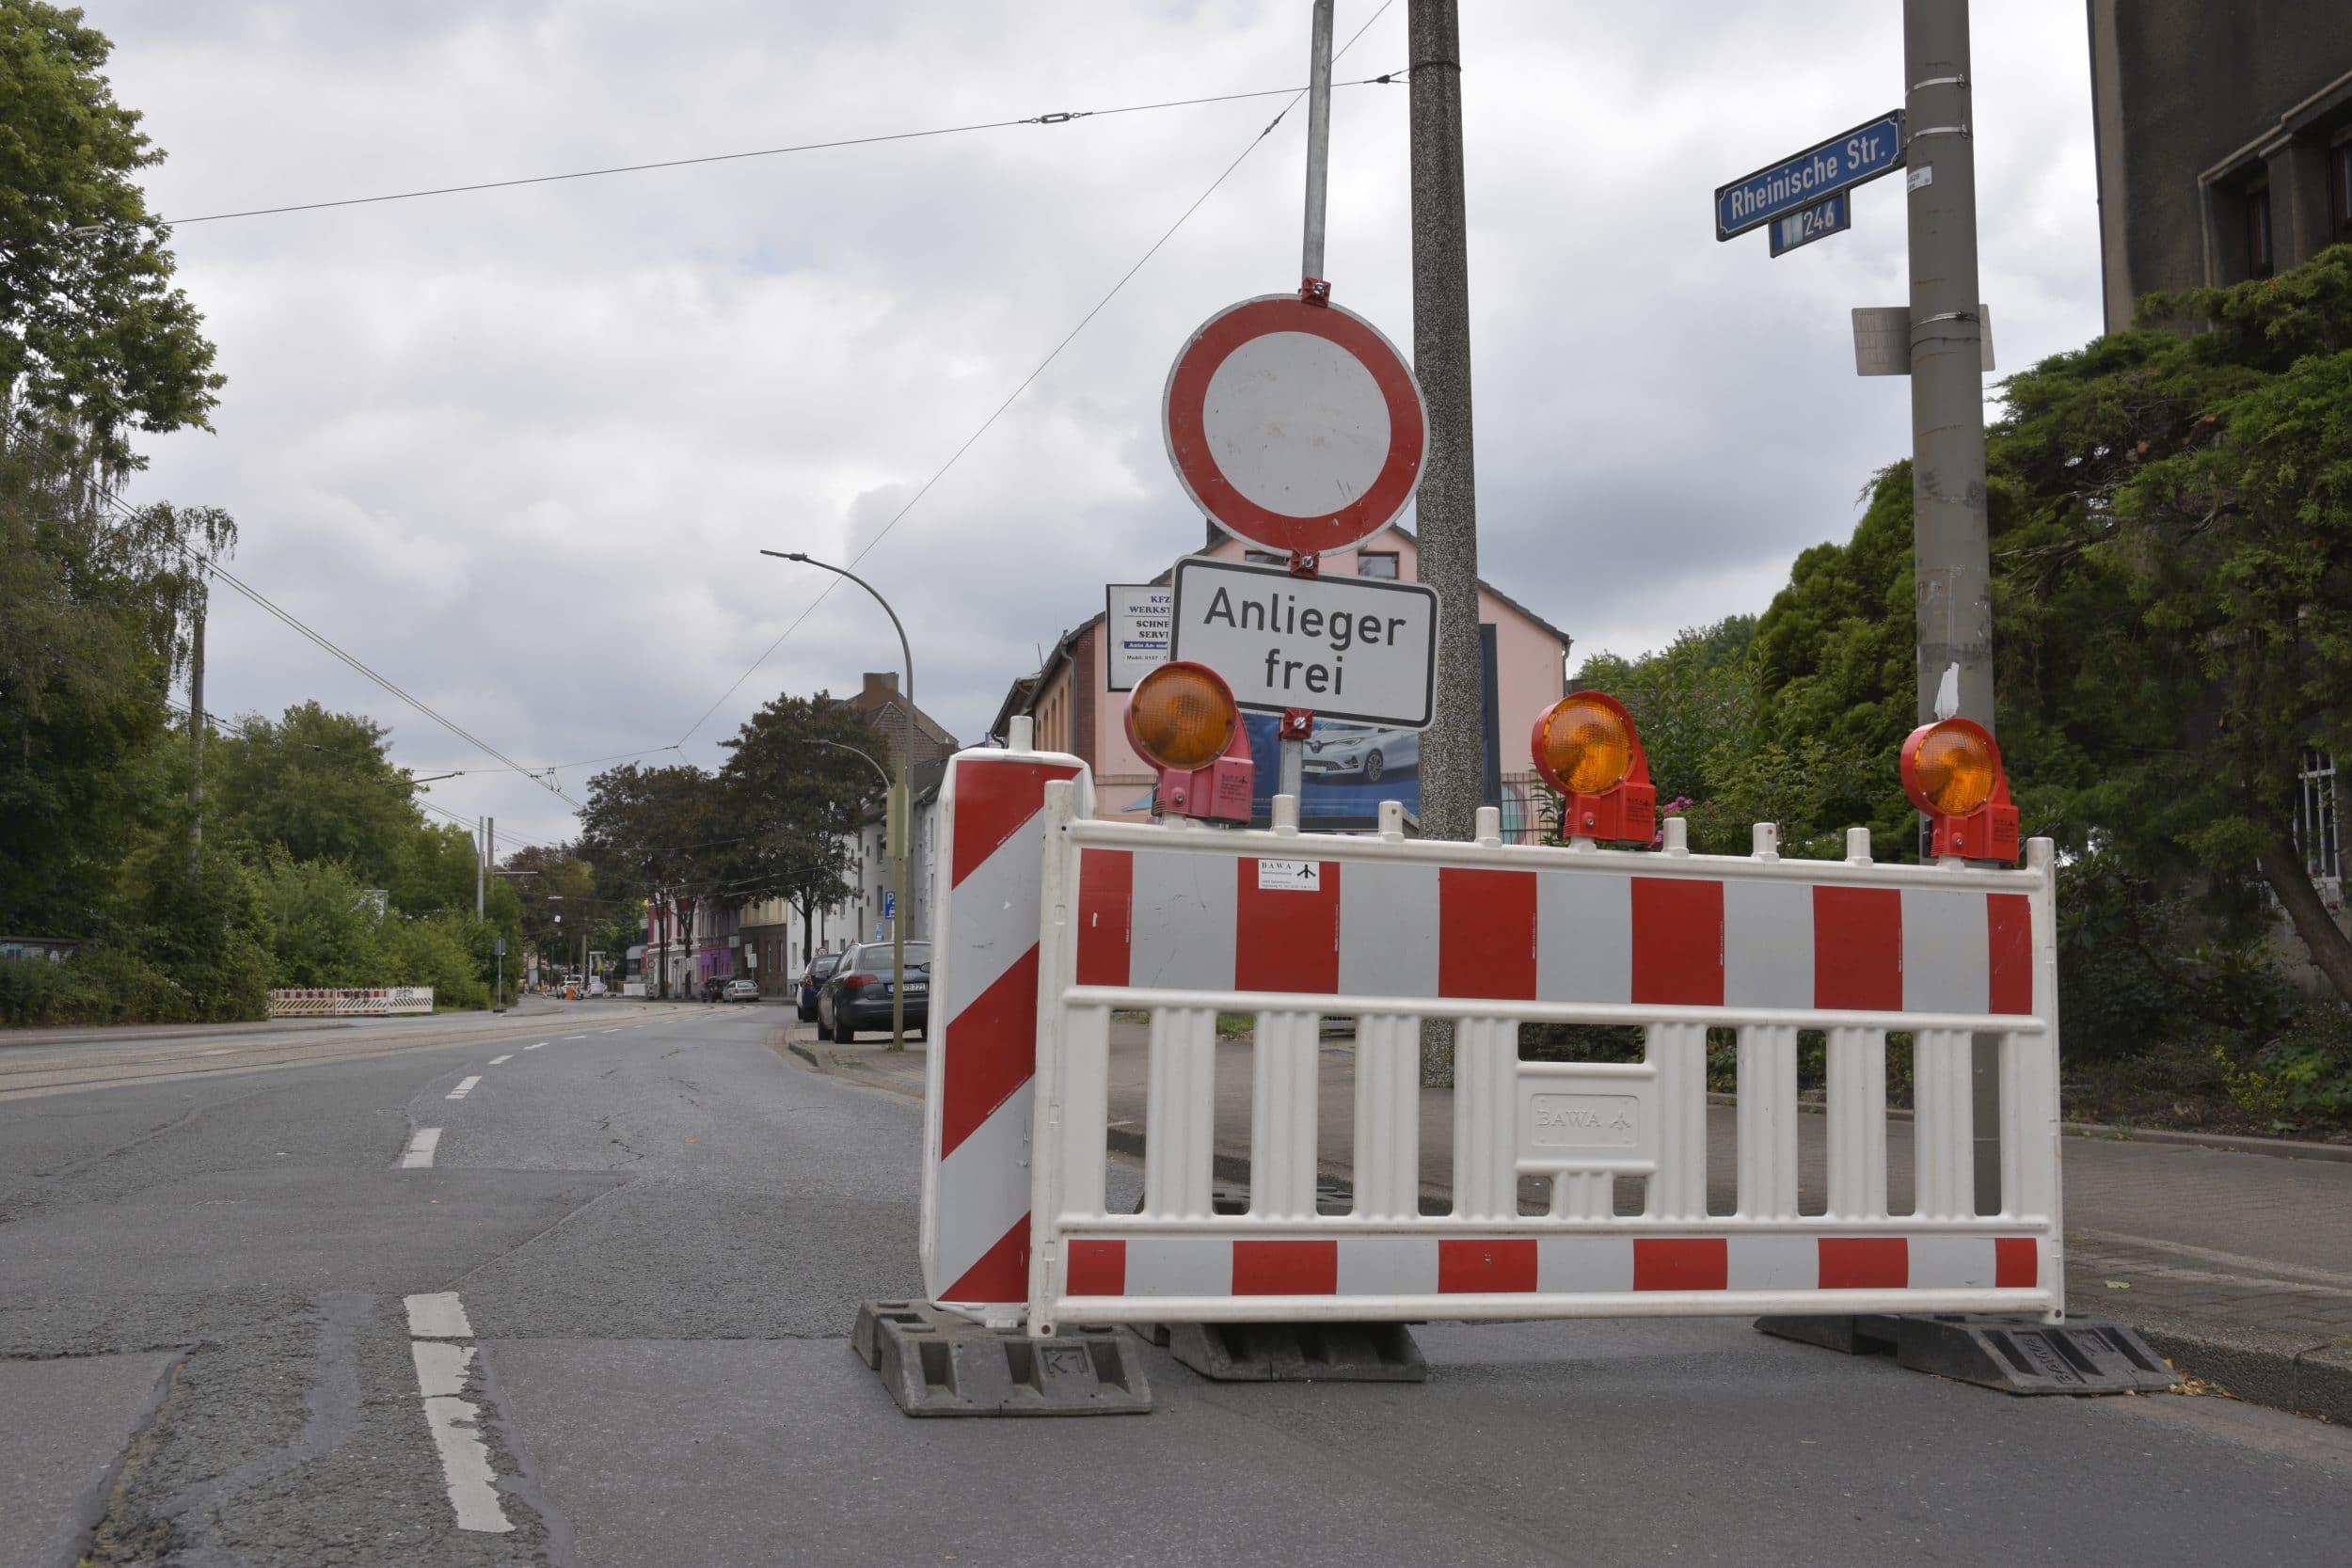 Dieses Schild sprach eine andere Sprache als die ursprüngliche Pressemeldung zur Baustelle. Und tatsächlich: Wer stadteinwärts die freie Spur der Rheinischen Straße nutzt, kann zur Kasse gebeten werden. (Foto: IN-StadtMagazine)